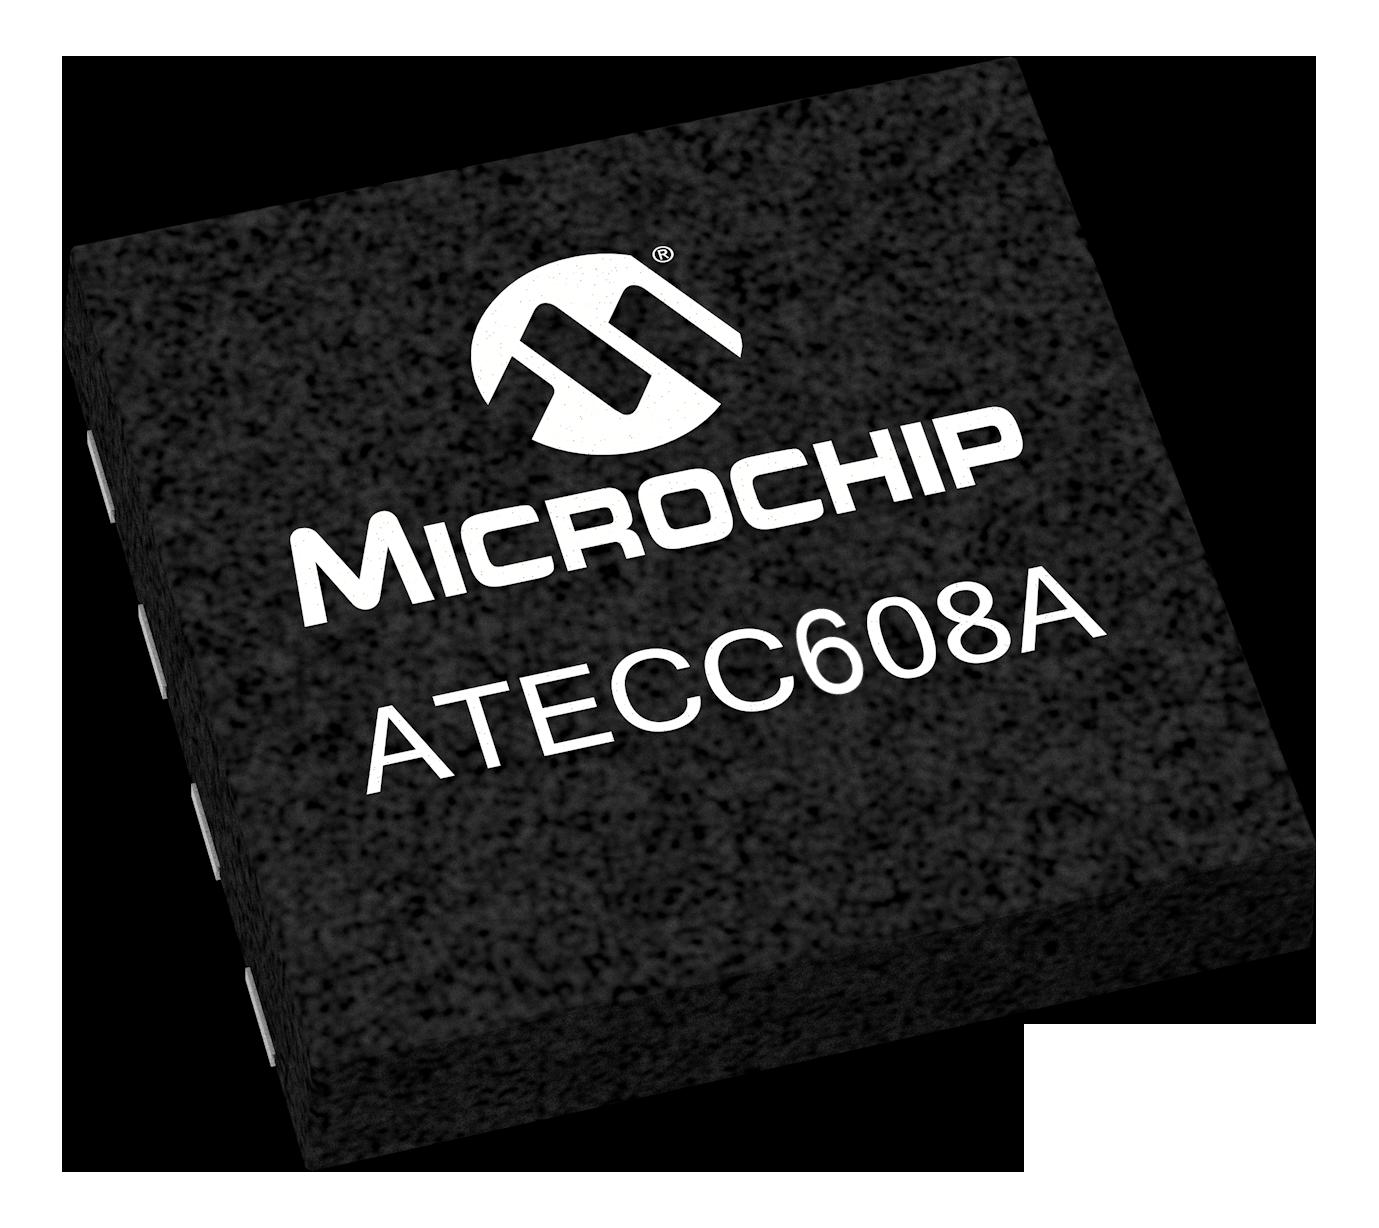 ATECC608A UDFN chip shot.png